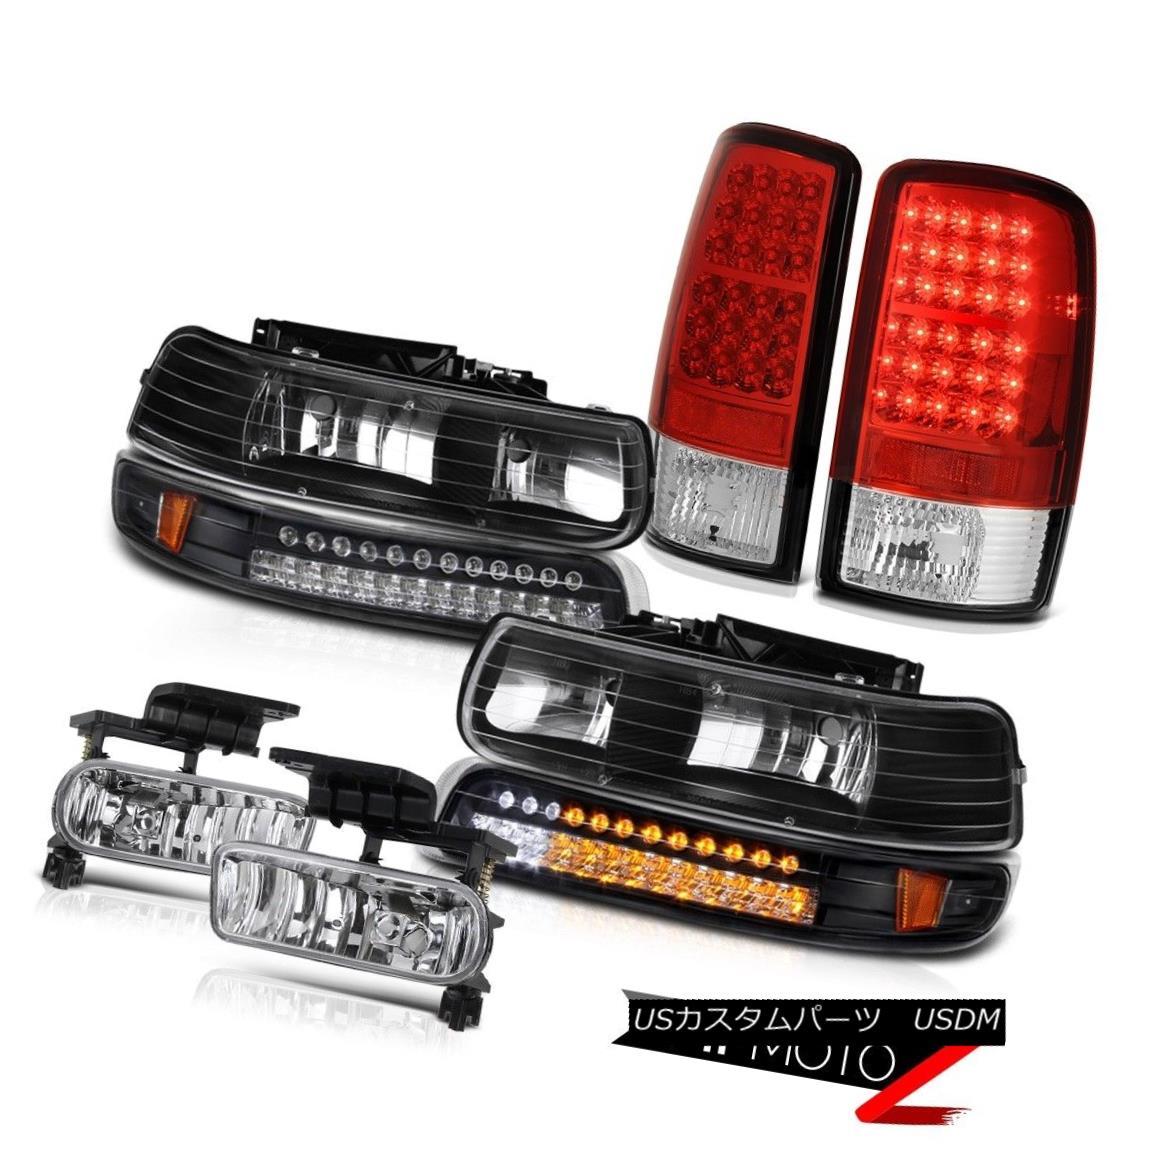 ヘッドライト Headlights SMD Parking Bright L.E.D Taillamps Driving Fog 2000-2006 Suburban 6.0 ヘッドライトSMDパーキングブライトL.E.Dドライビングフォグ2000-2006郊外6.0